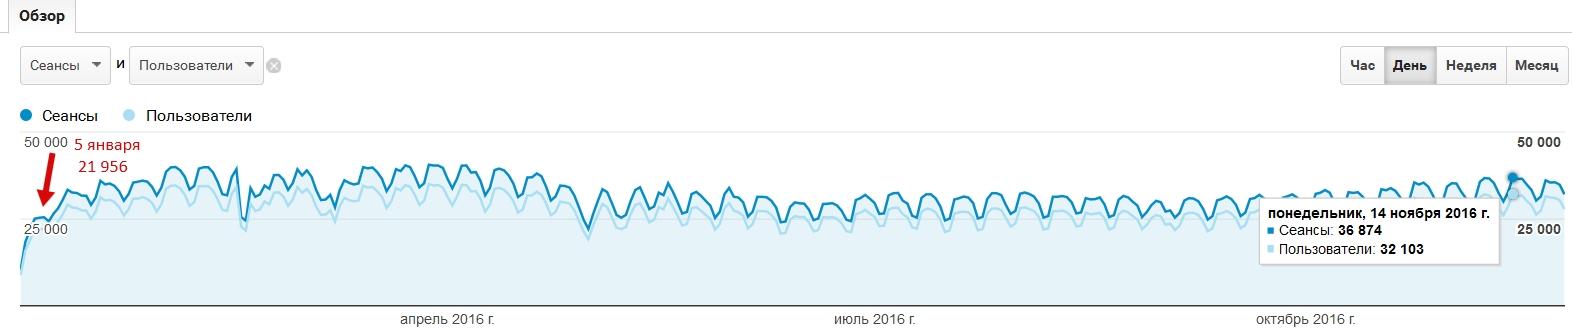 Посещаемость сайта за 2016